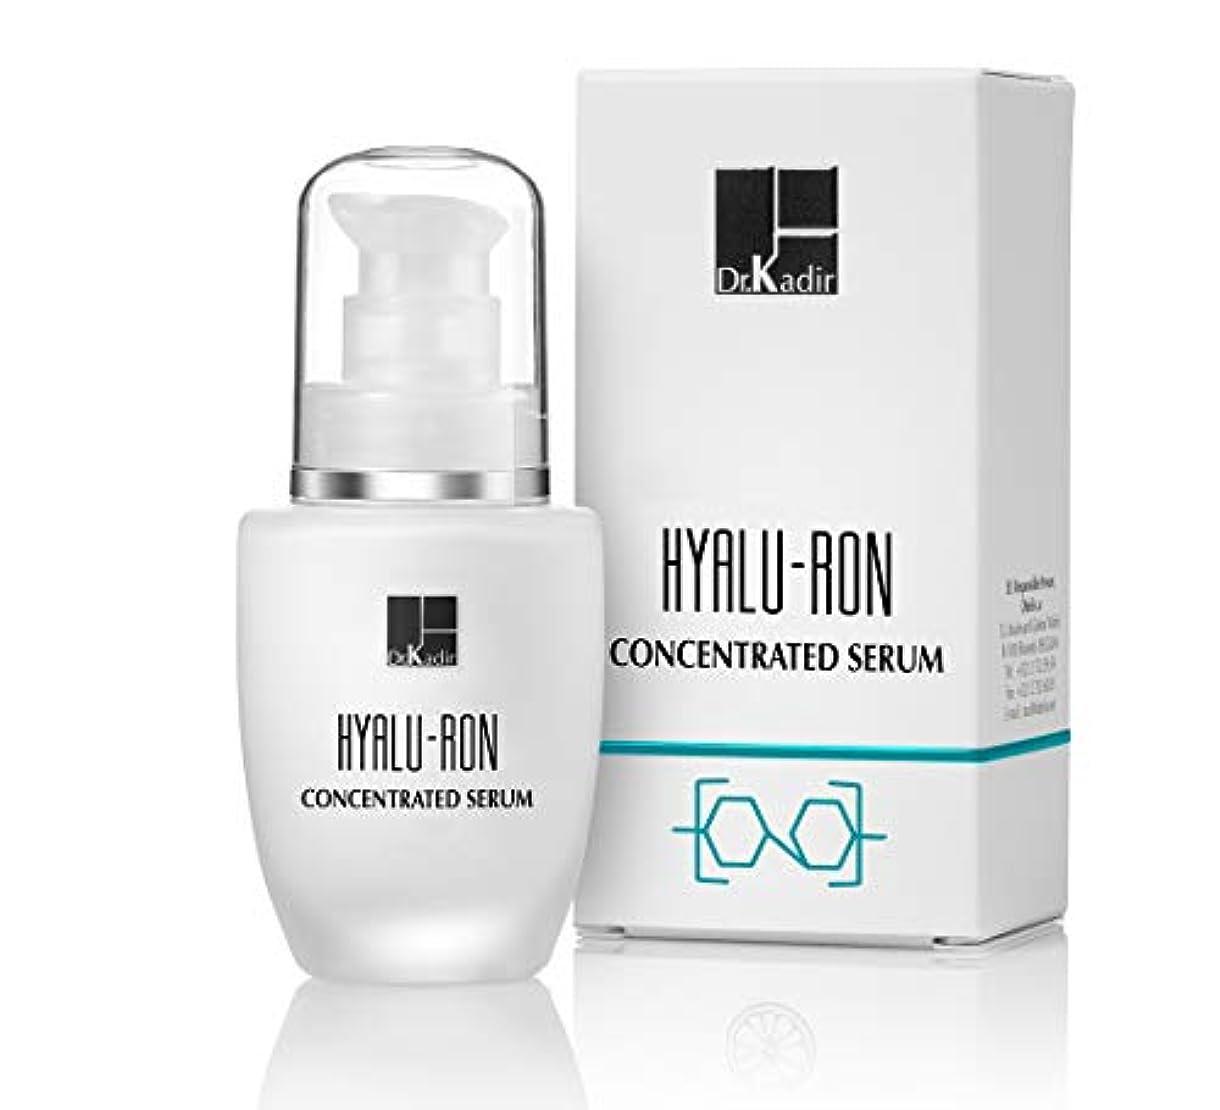 差別的年に話すDr. Kadir Hyalu-Ron Low Molecular Hyaluronic Concentrated Serum 30ml